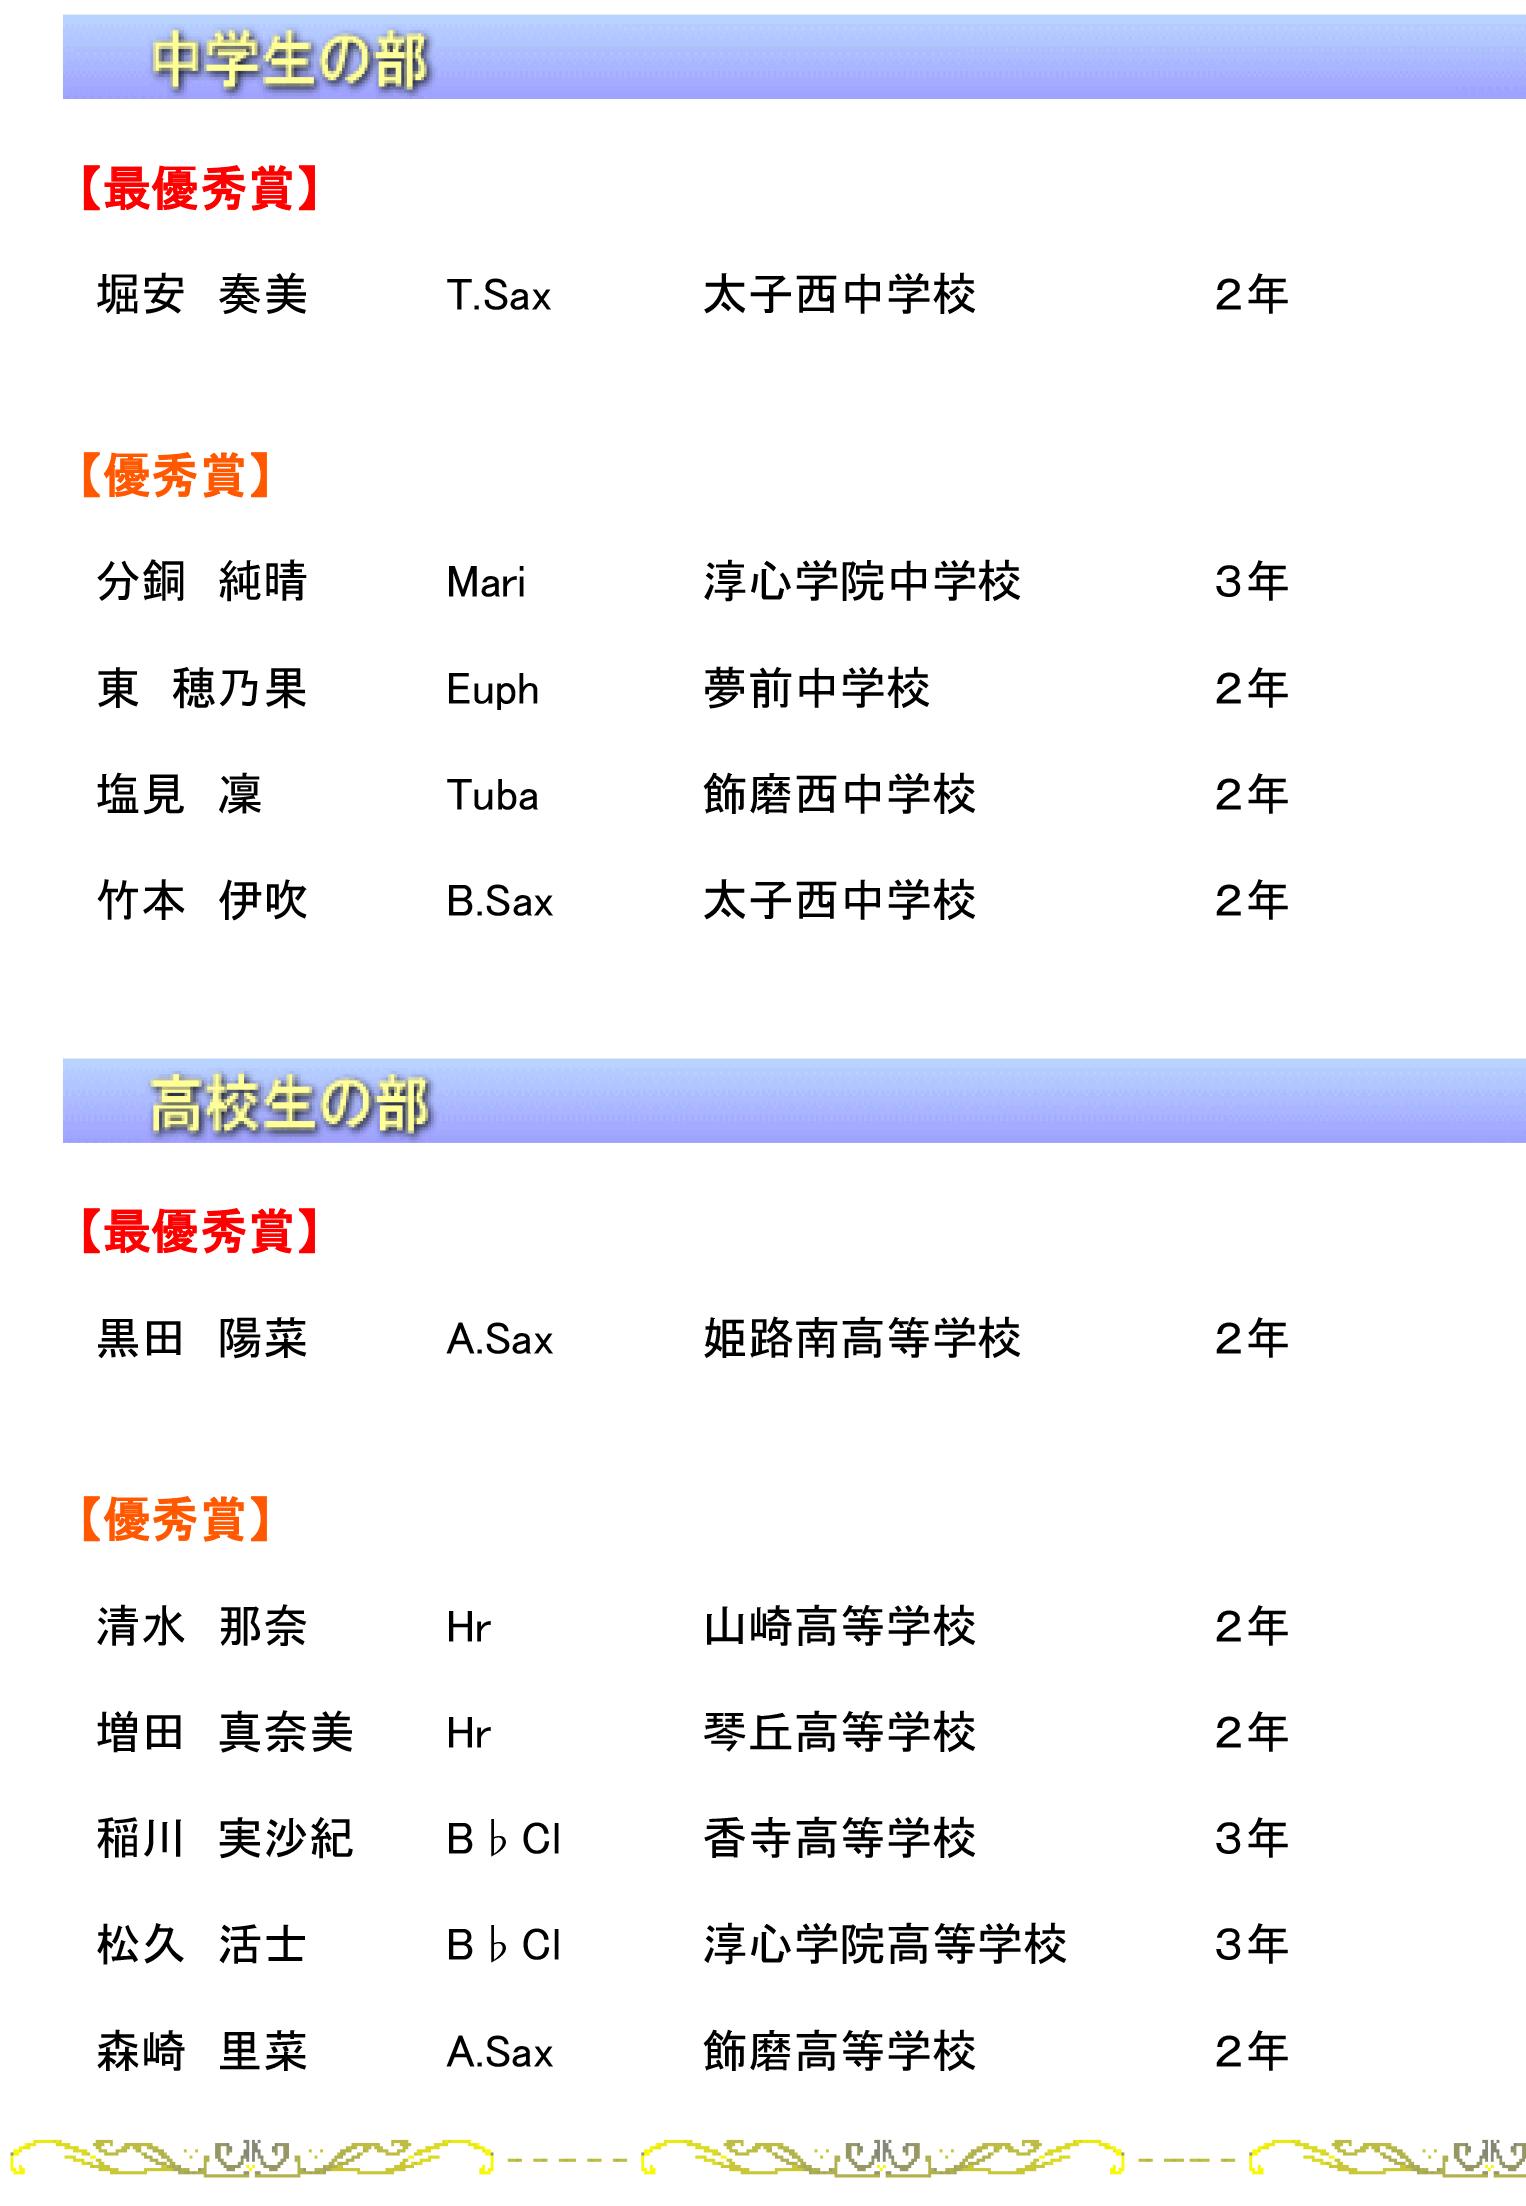 第33回 管楽器ソロコンテスト審査結果